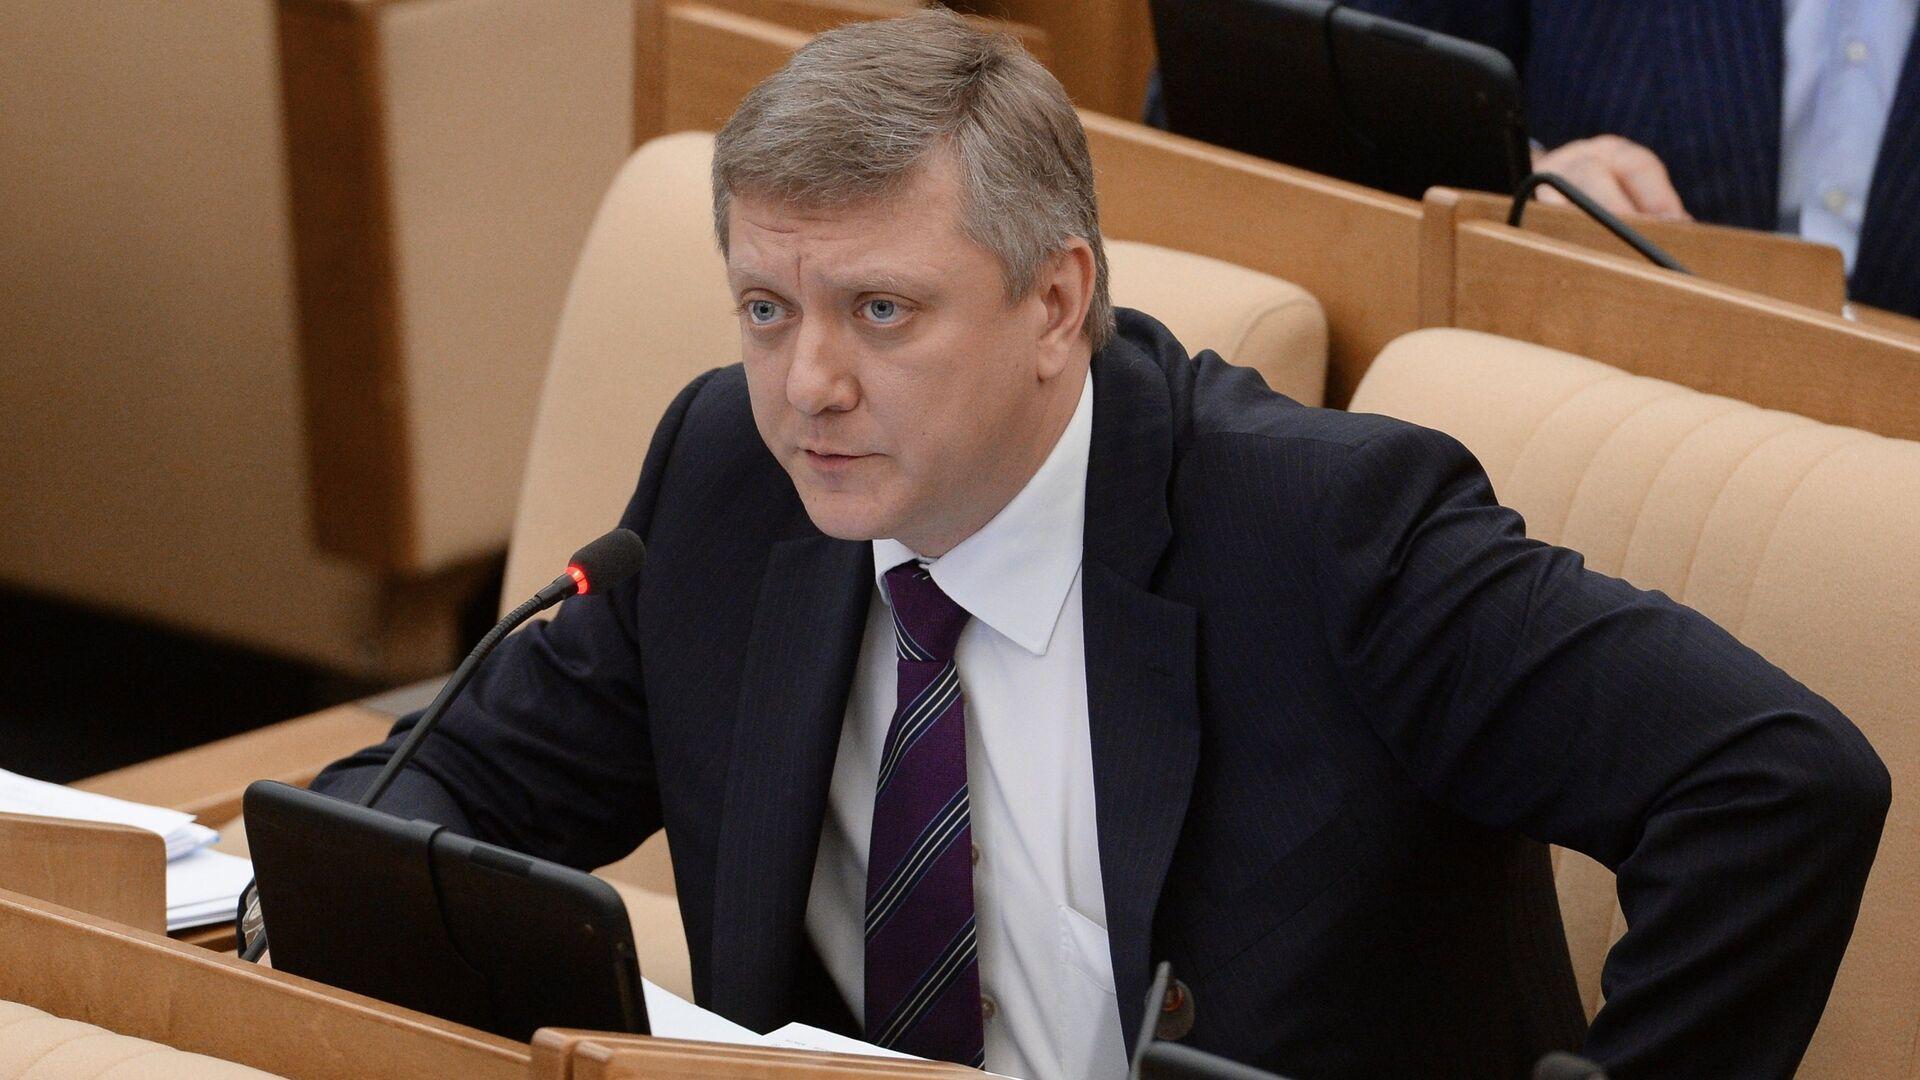 Вяткин назвал подлогом сообщение о его грубом ответе журналистке